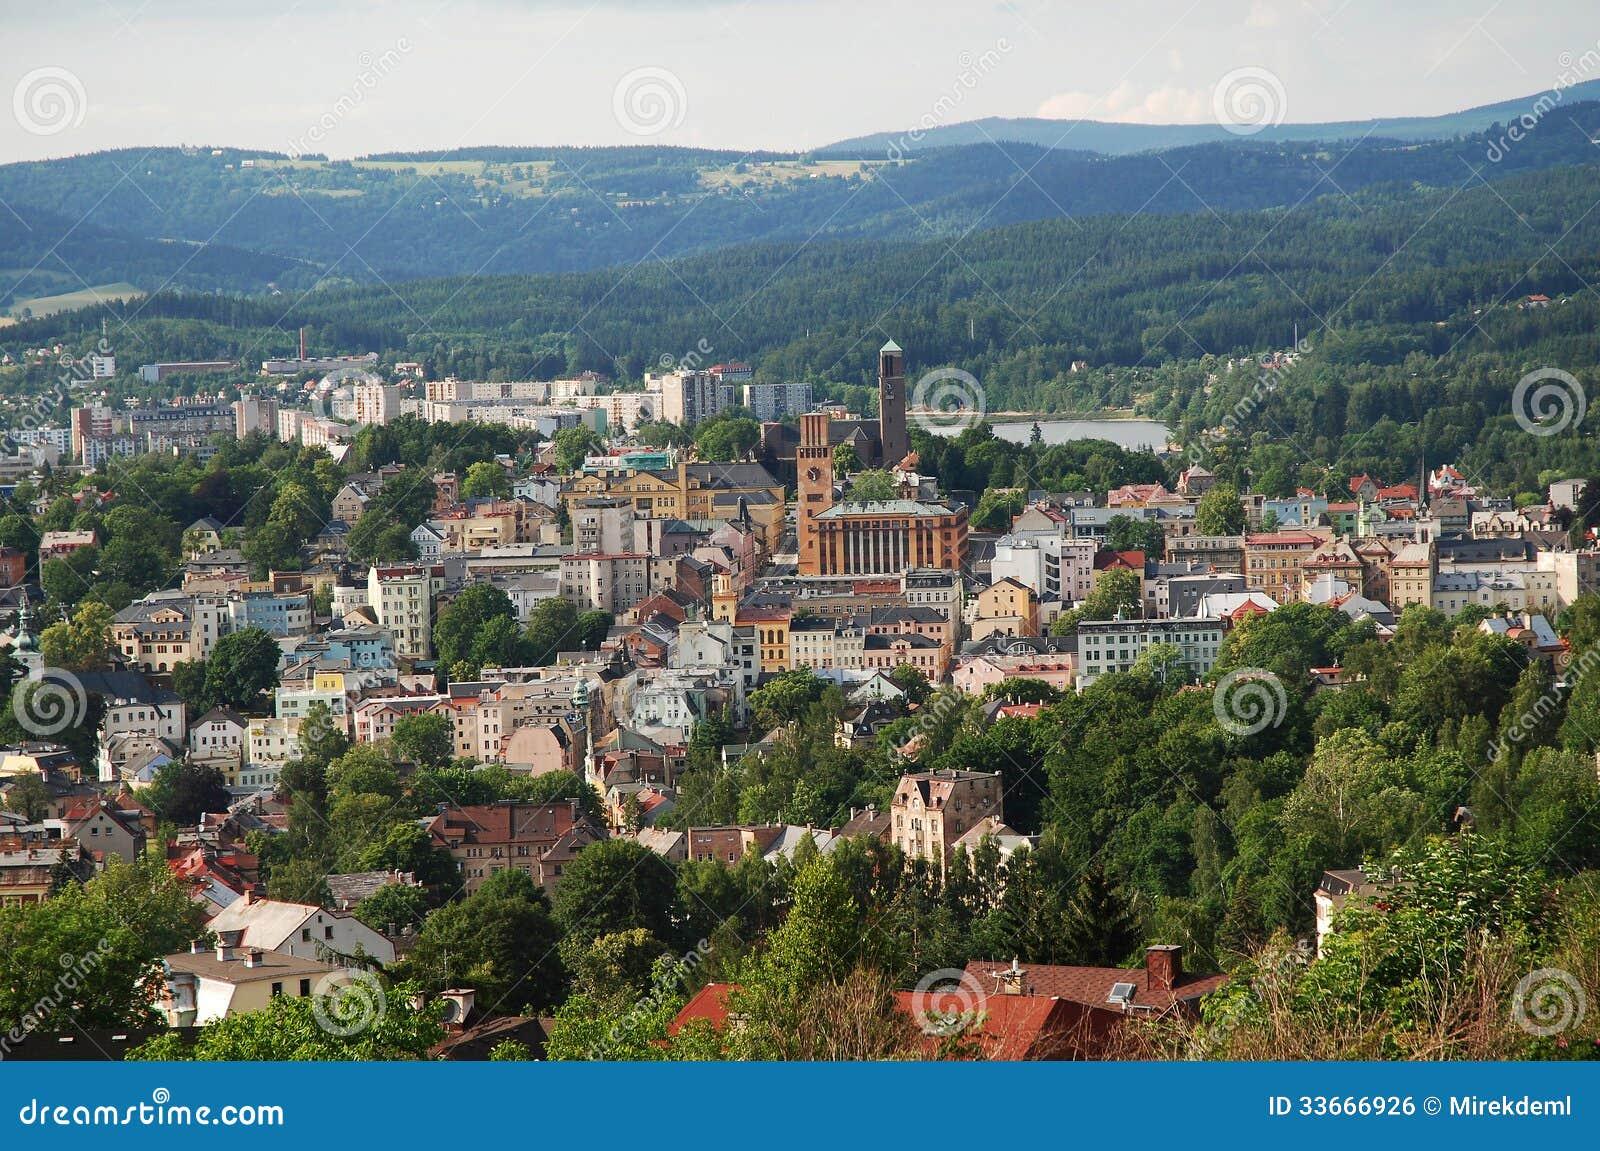 Jablonec nad Nisou Czech Republic  city images : Jablonec Nad Nisou, Czech Republic Royalty Free Stock Image Image ...